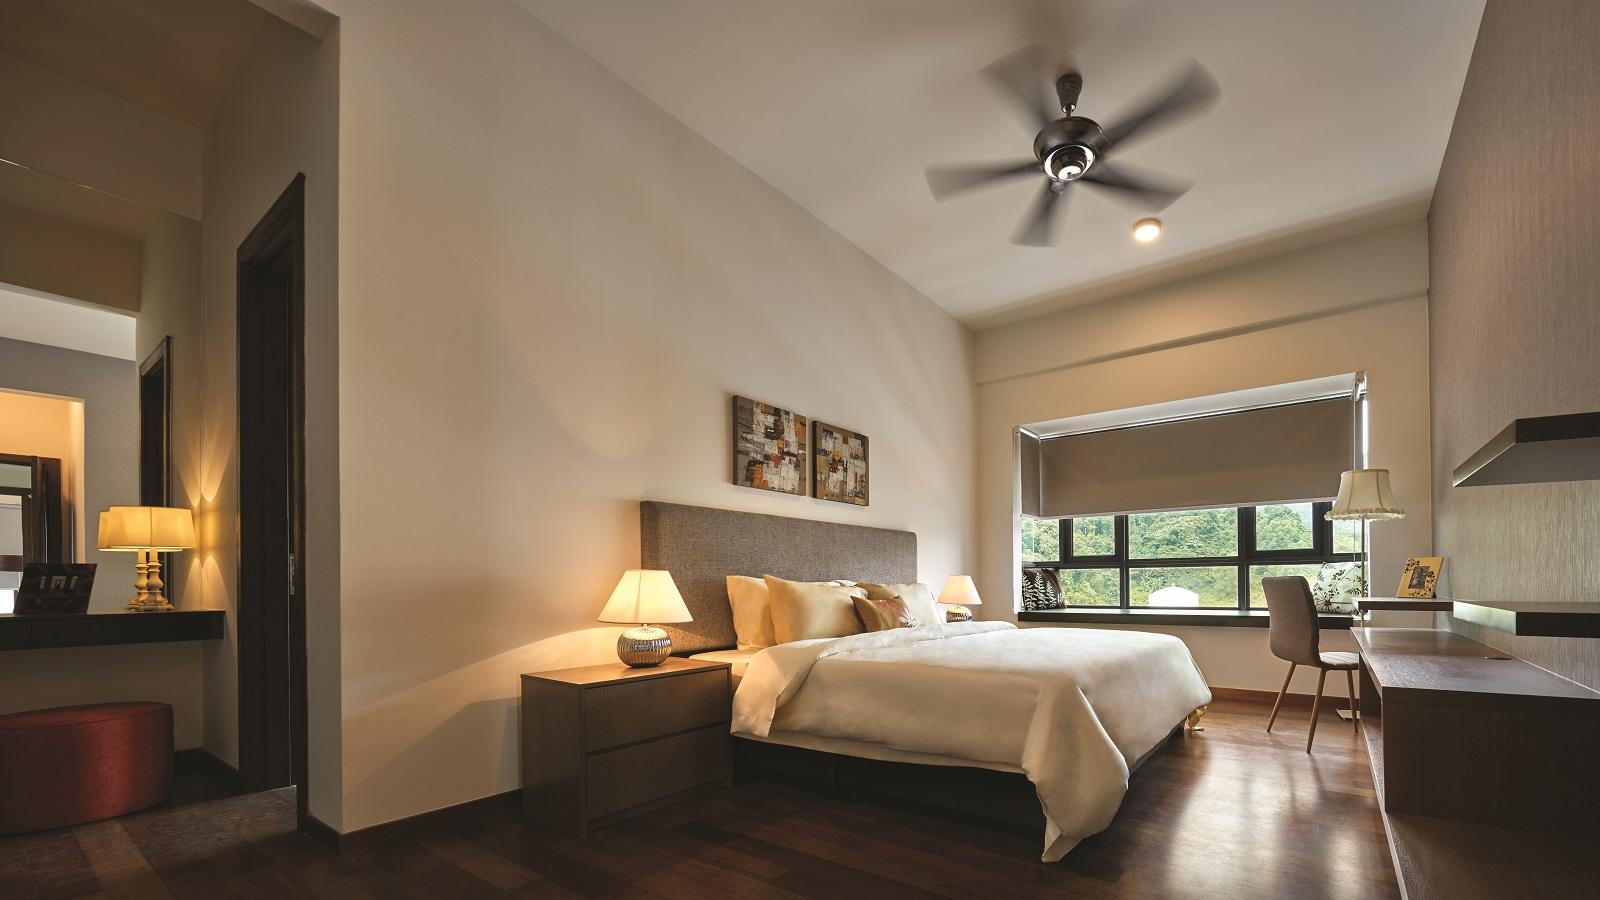 Type D master bedroom